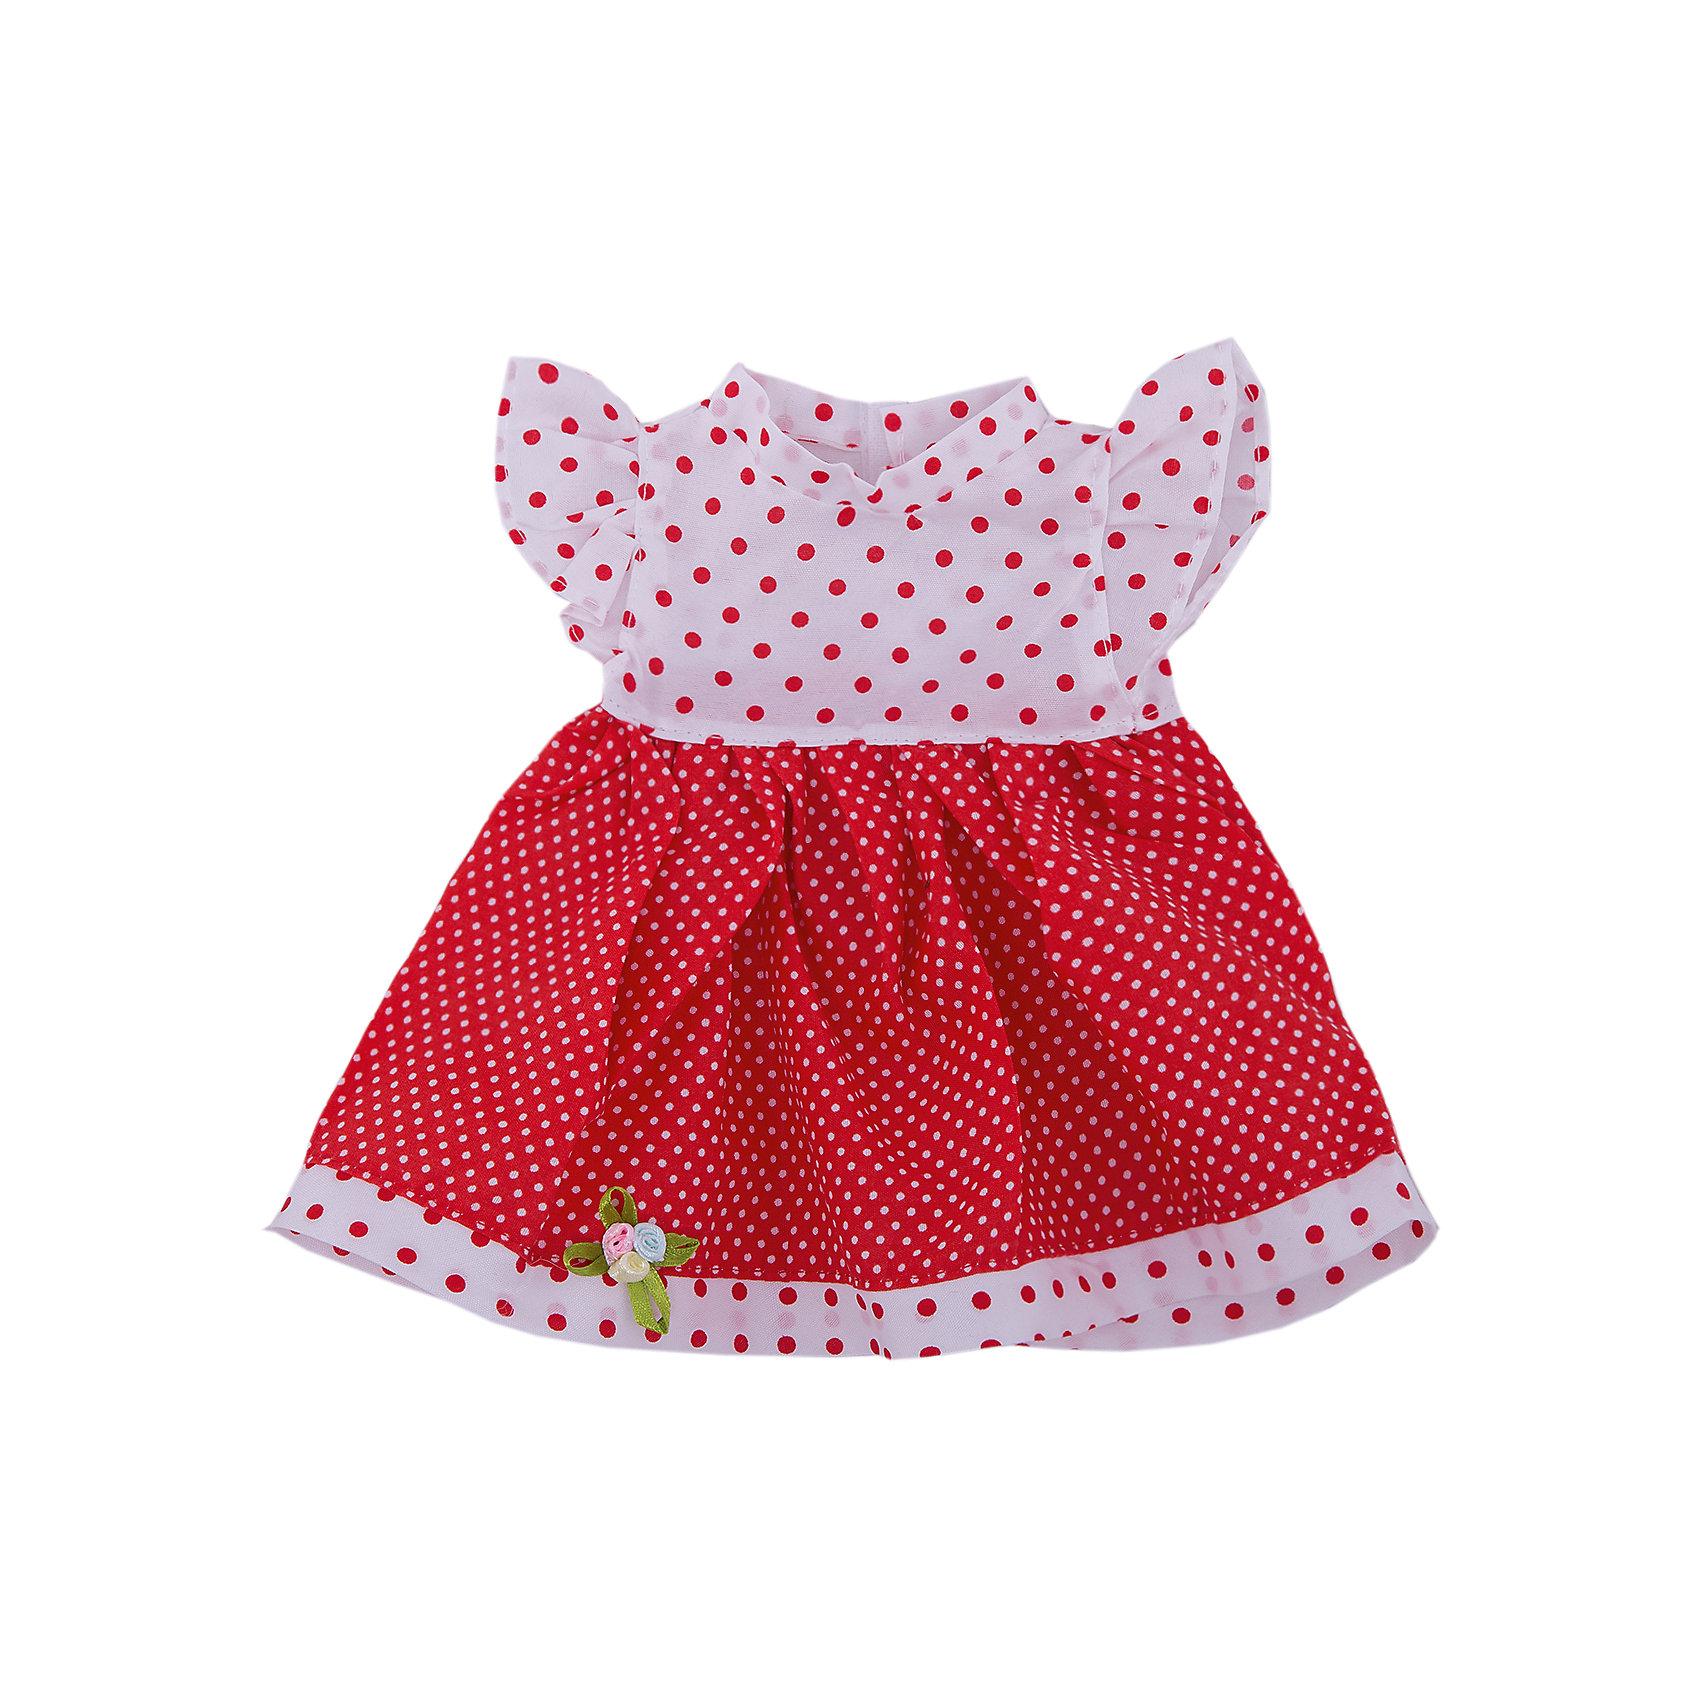 Одежда для кукол: красное платье, JUNFAОдежда для кукол<br><br><br>Ширина мм: 255<br>Глубина мм: 360<br>Высота мм: 10<br>Вес г: 59<br>Возраст от месяцев: 36<br>Возраст до месяцев: 1188<br>Пол: Женский<br>Возраст: Детский<br>SKU: 5173030